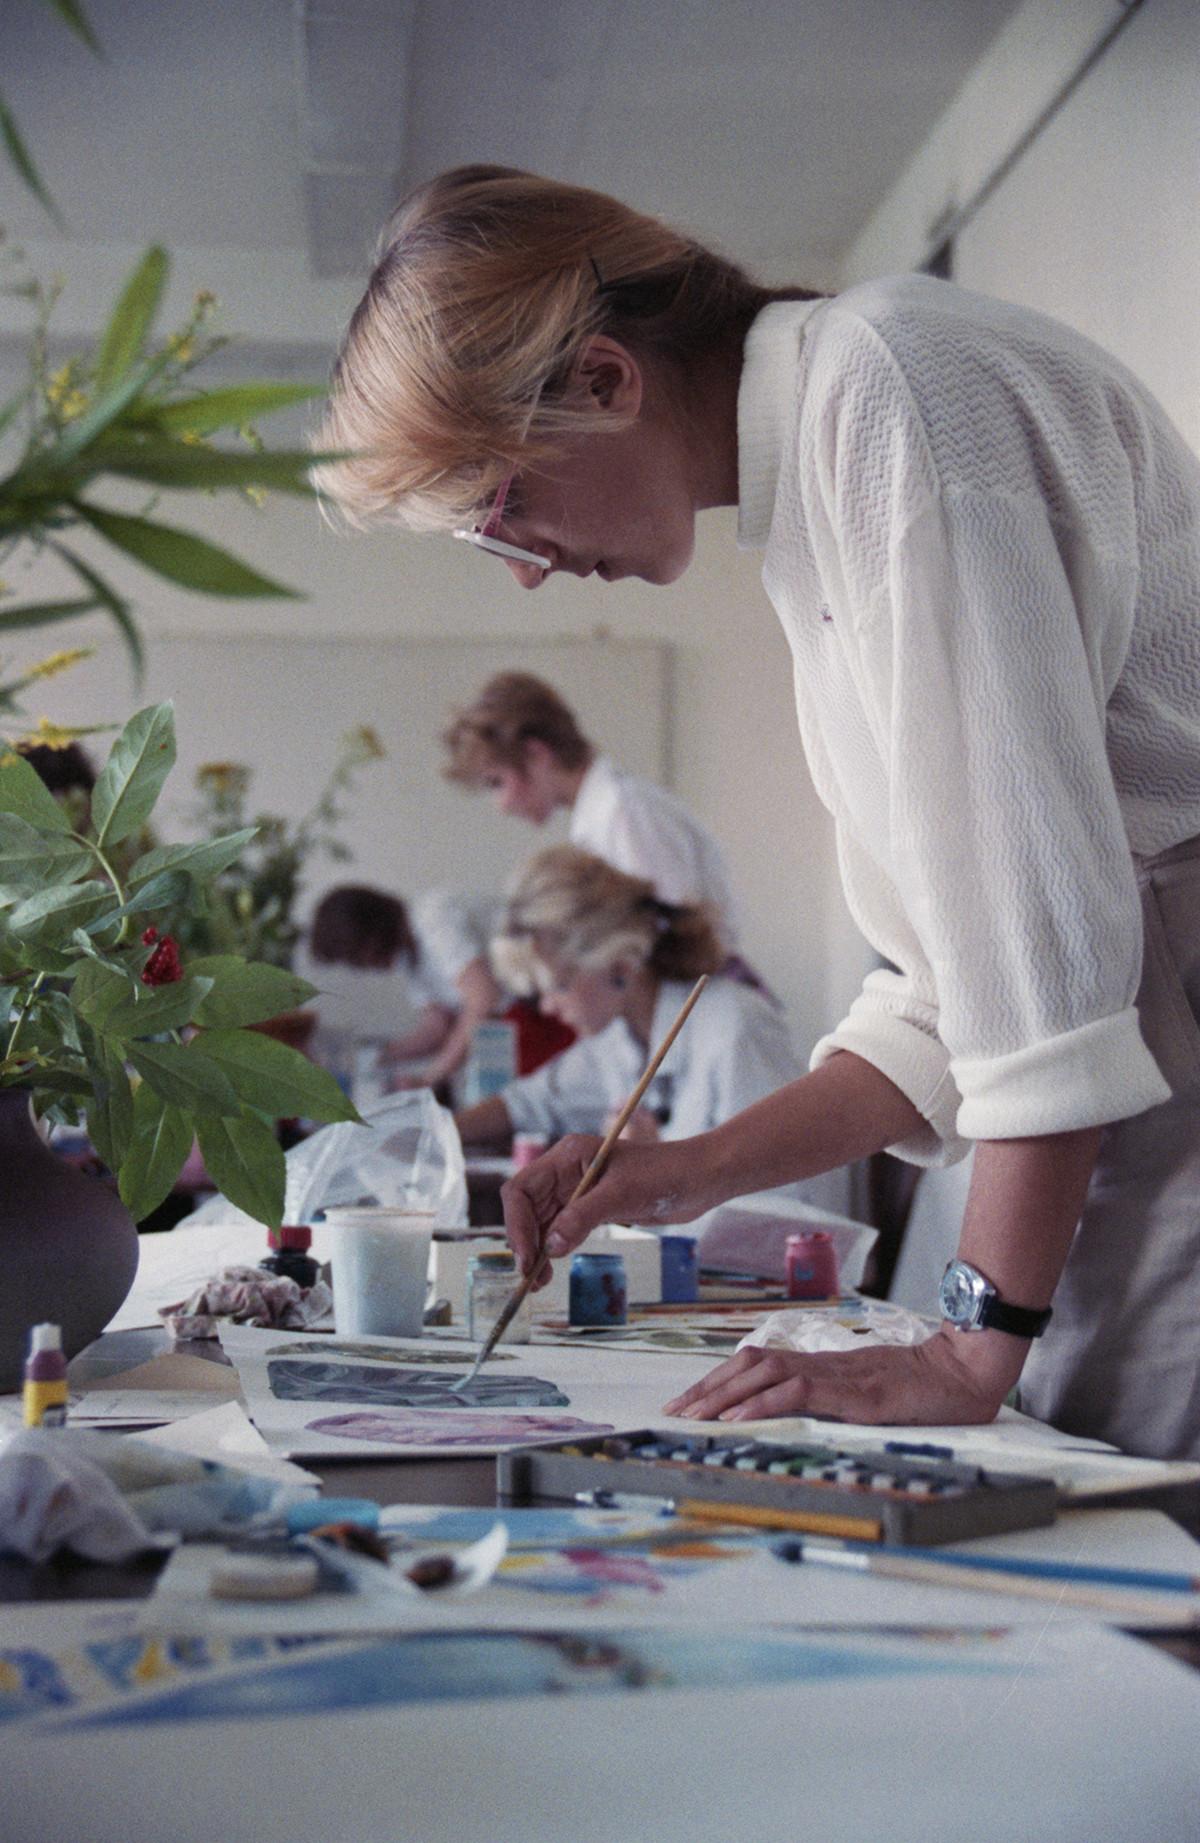 Абитуриентка во время сдачи вступительных экзаменов в Московский текстильный институт имени А.Н. Косыгина.